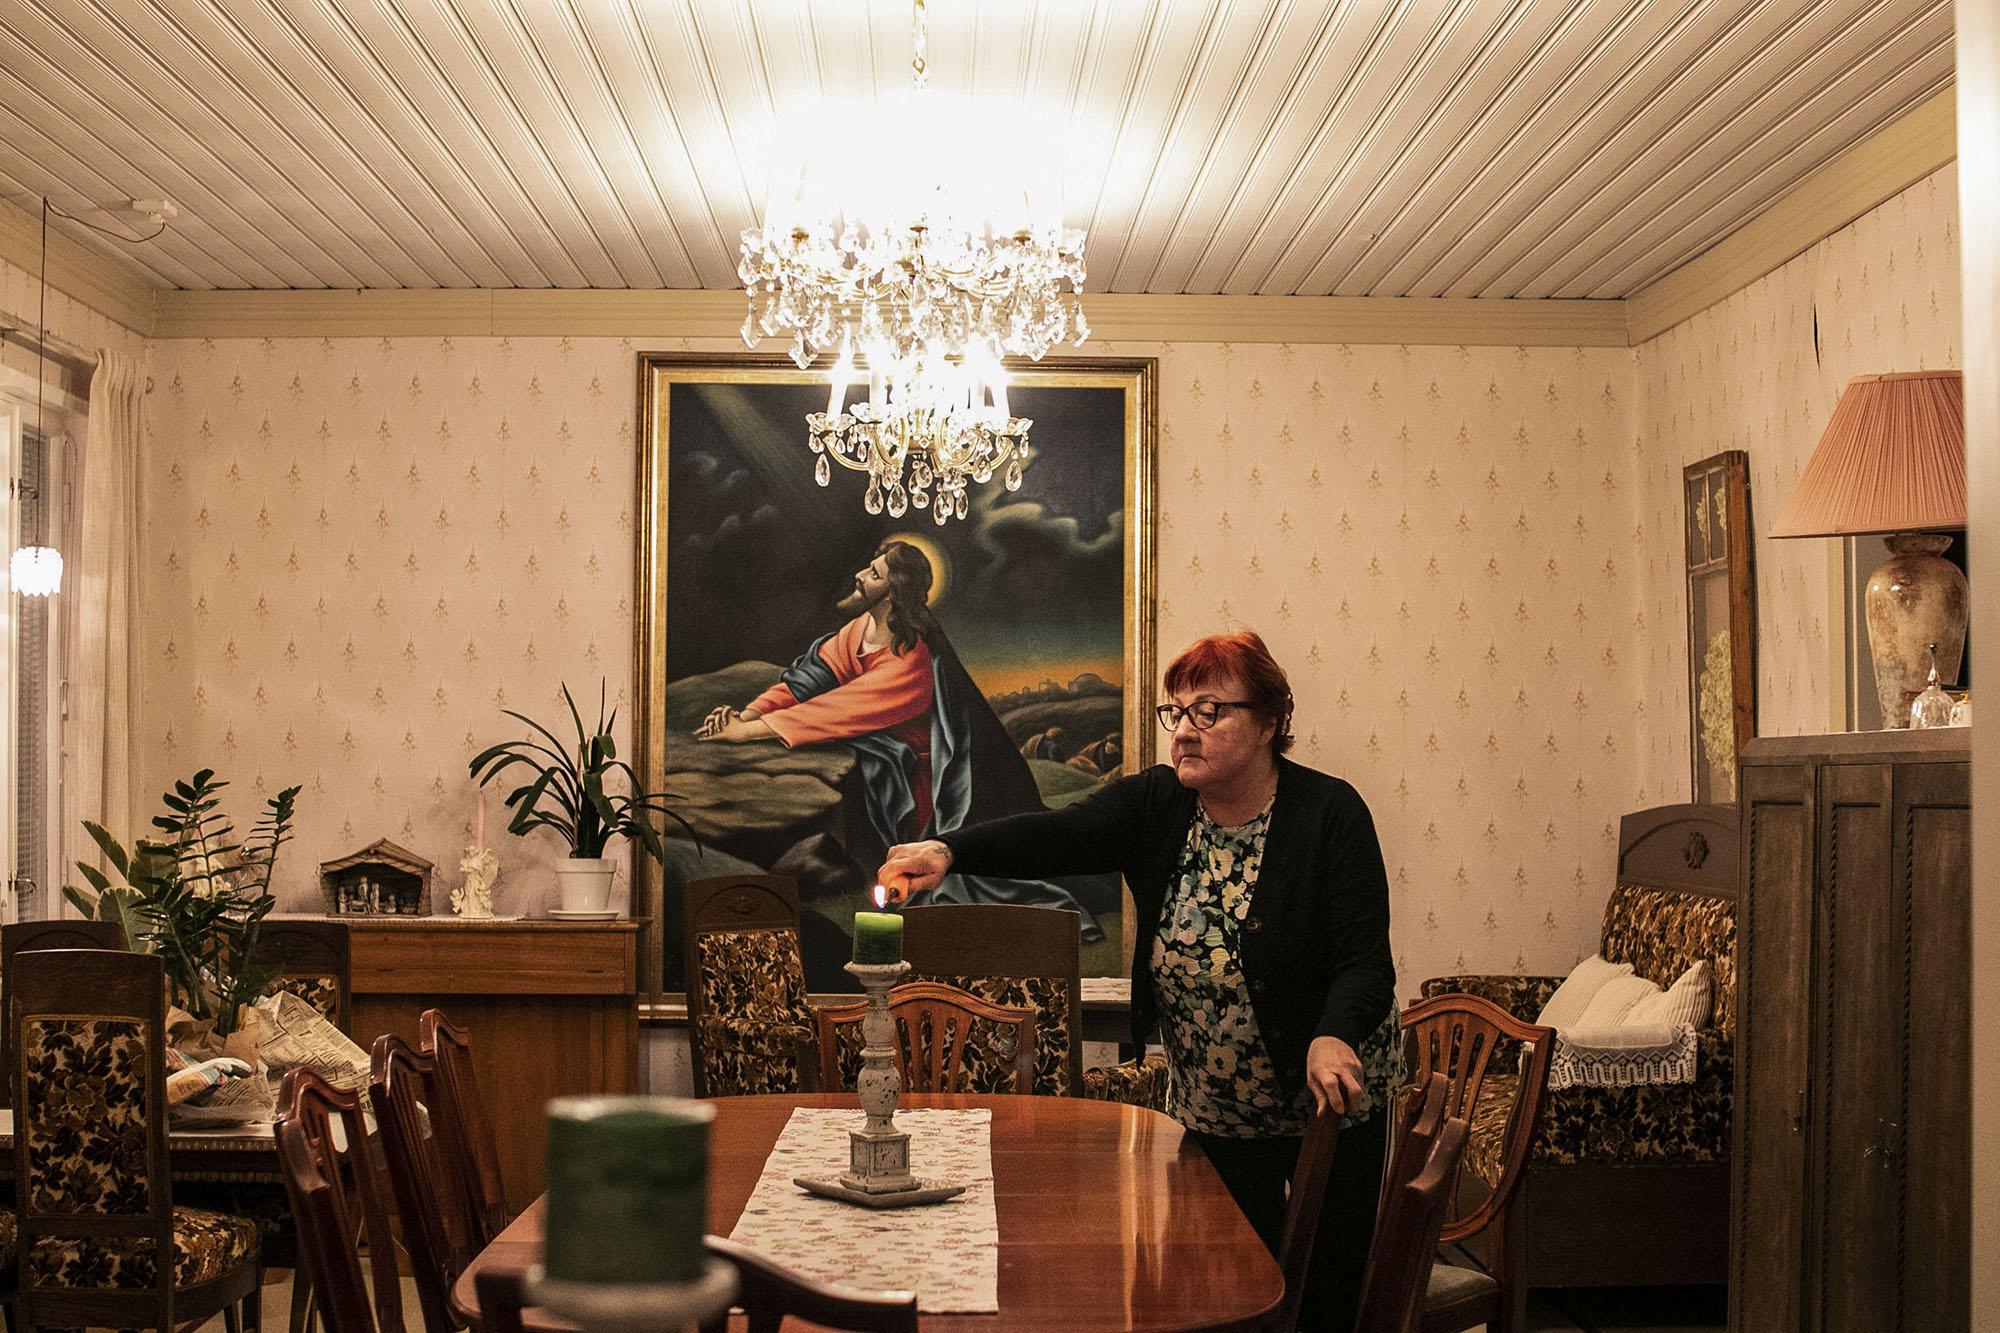 Nainen sytyttää kynttilän palamaan sisätilassa.